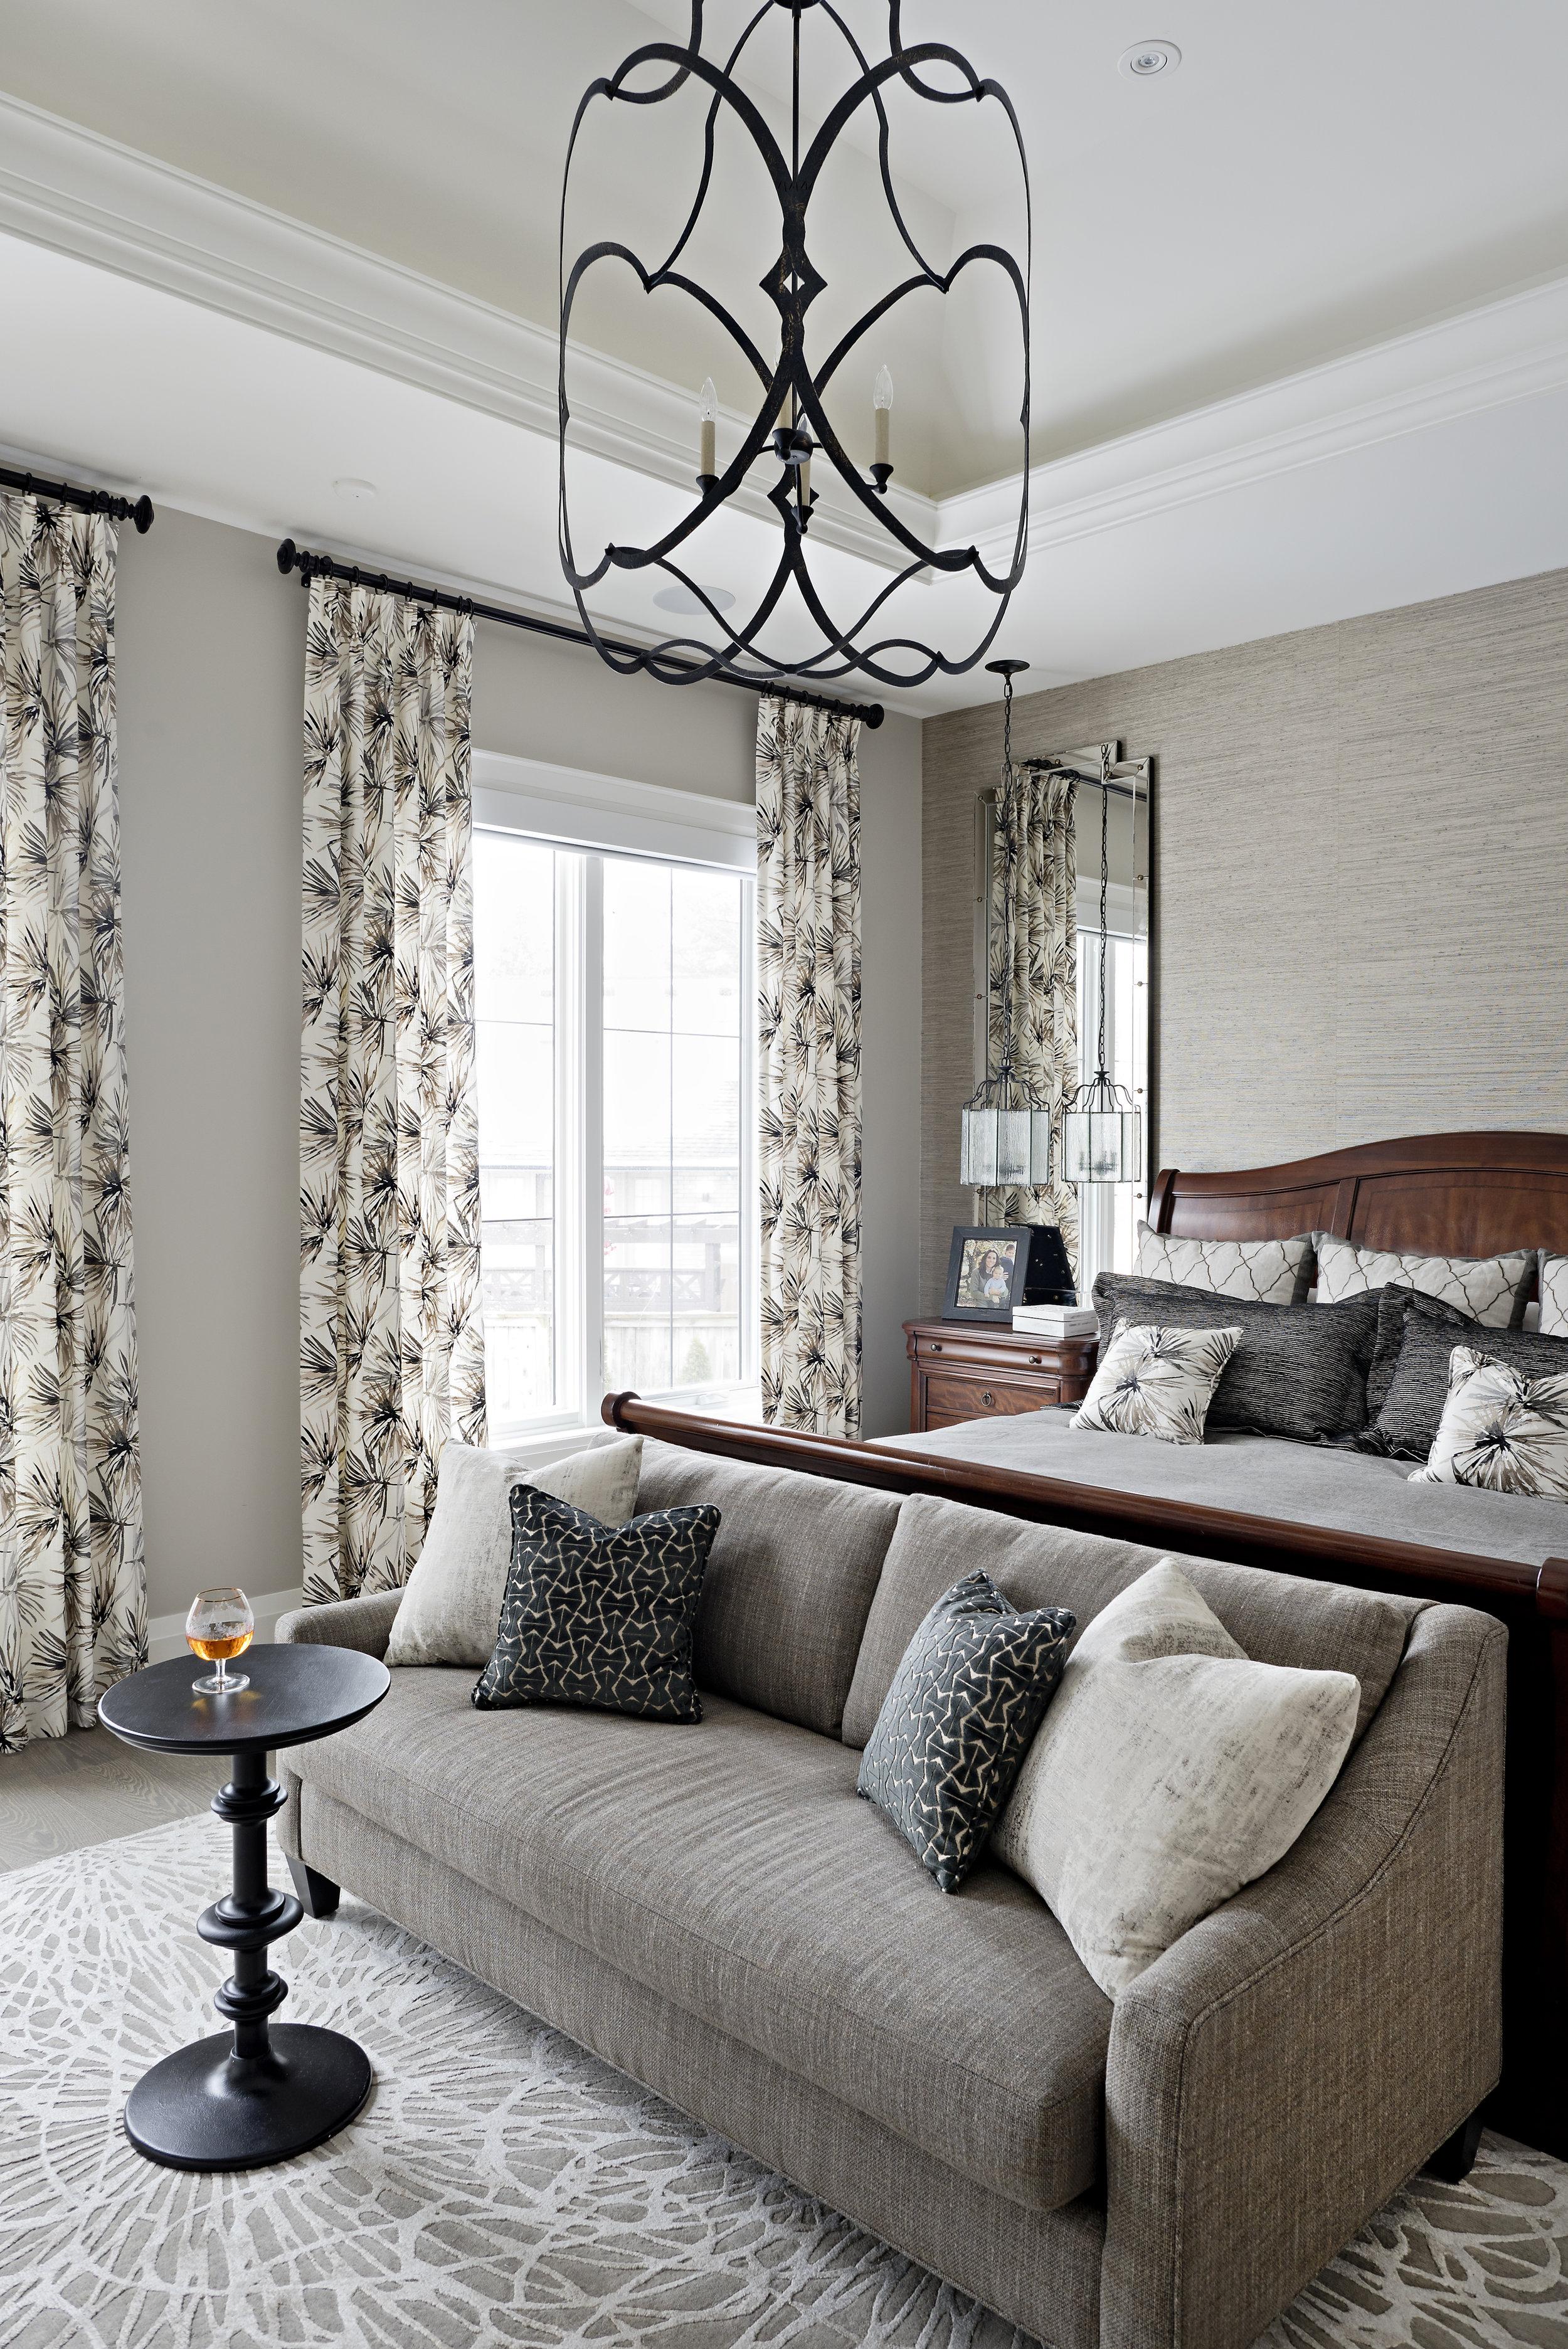 Interior Designer Pizzale Design Master Bedroom Sofa Large Beige Neutral Black Accents.jpg